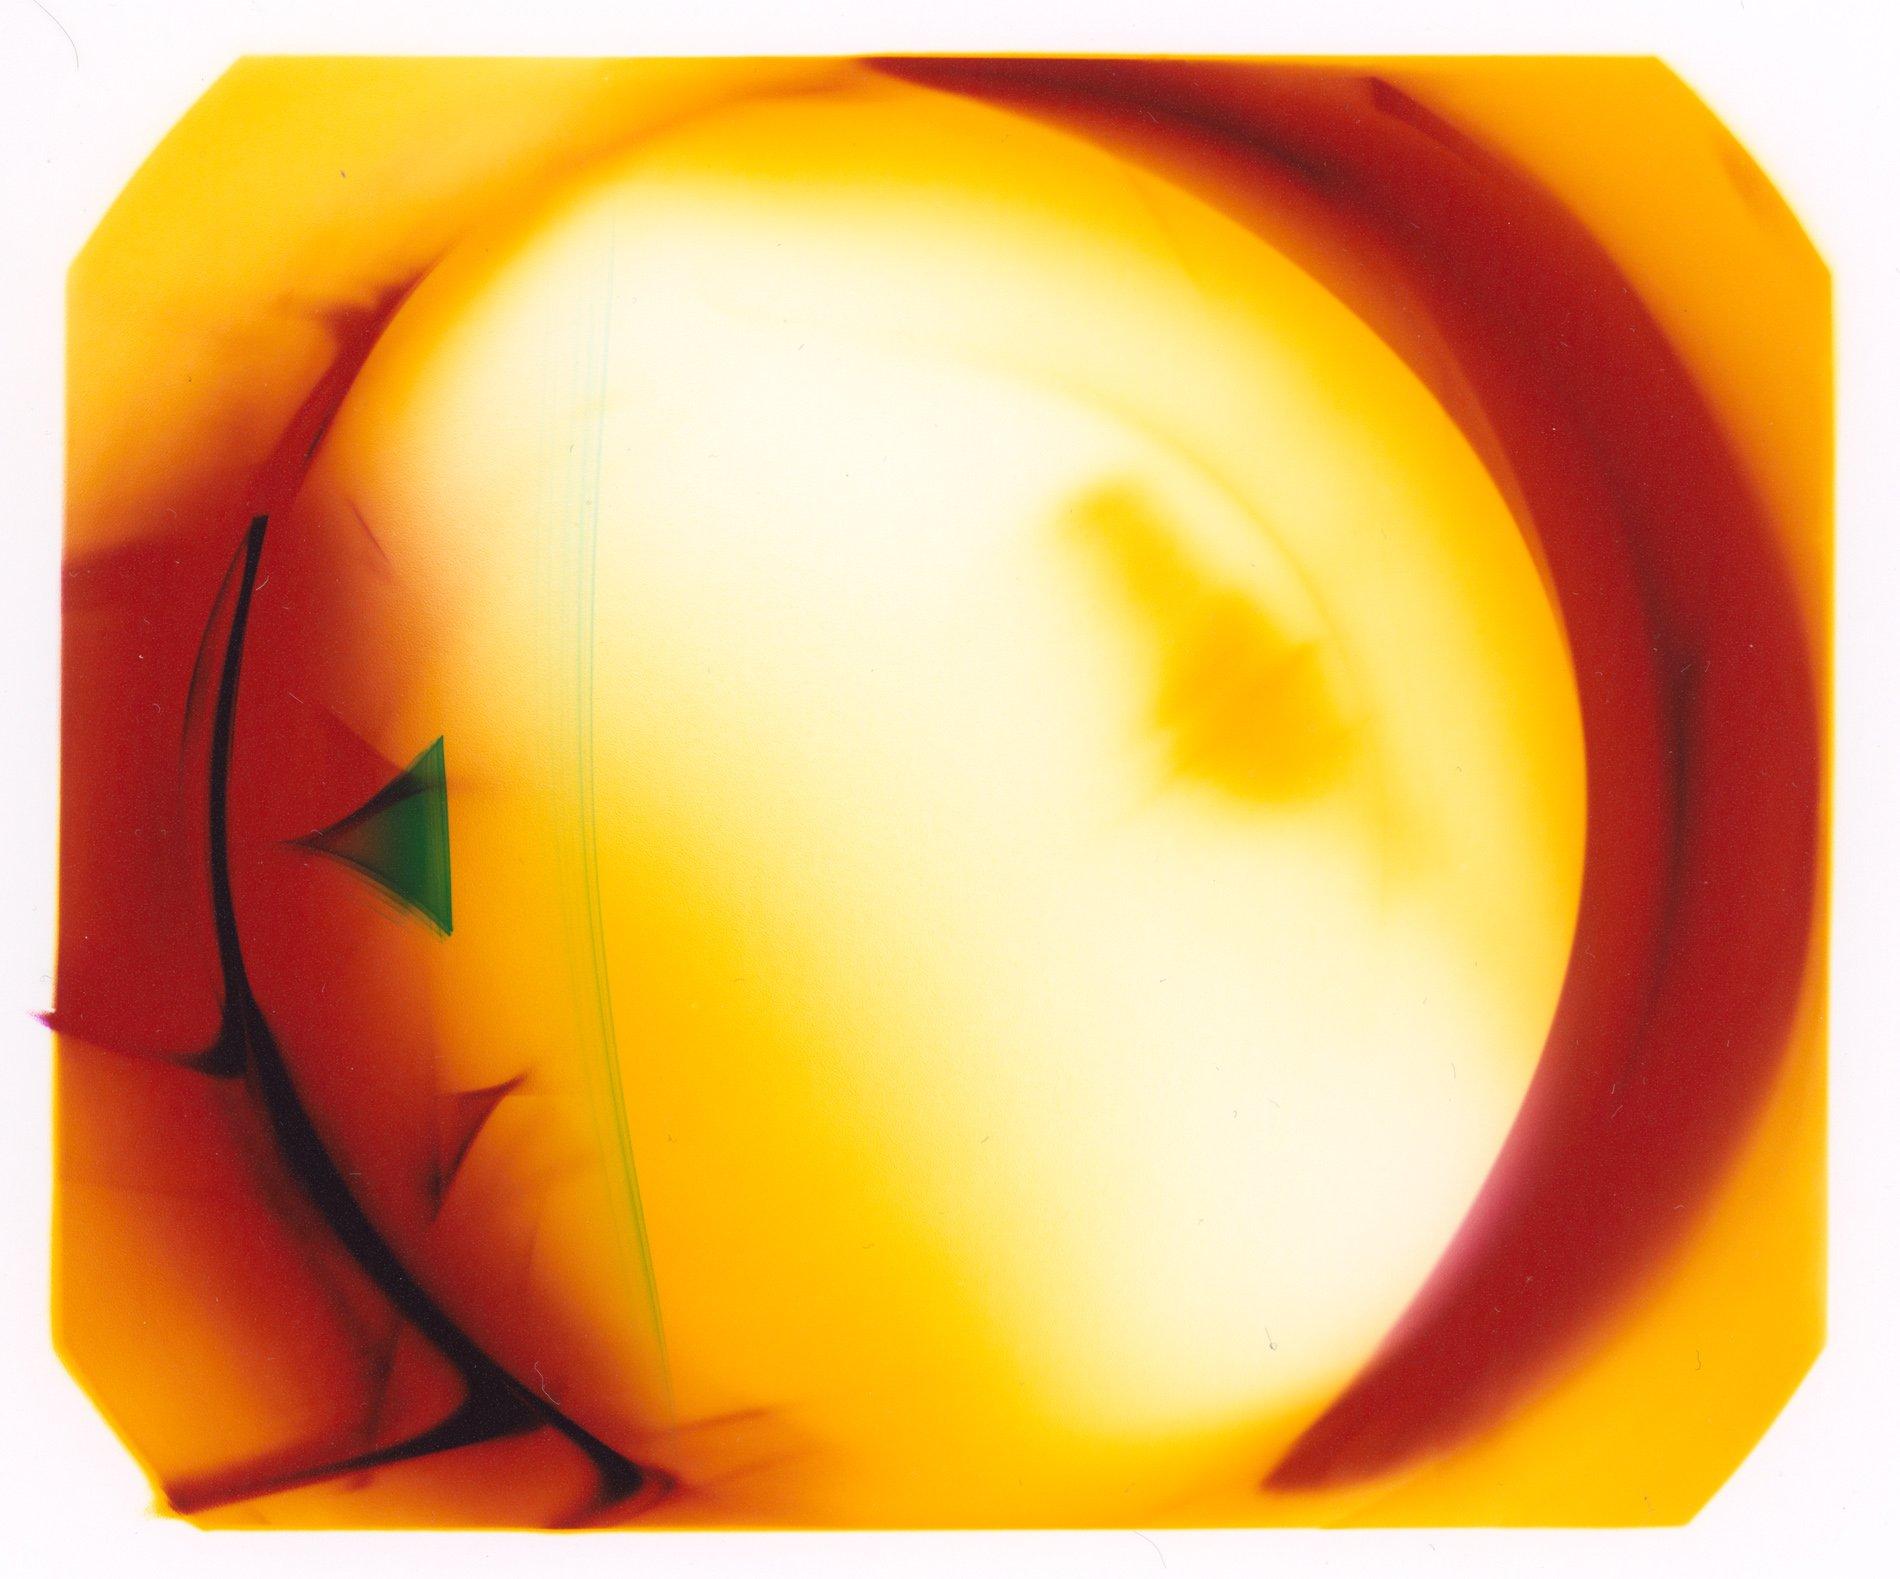 photogram using lens